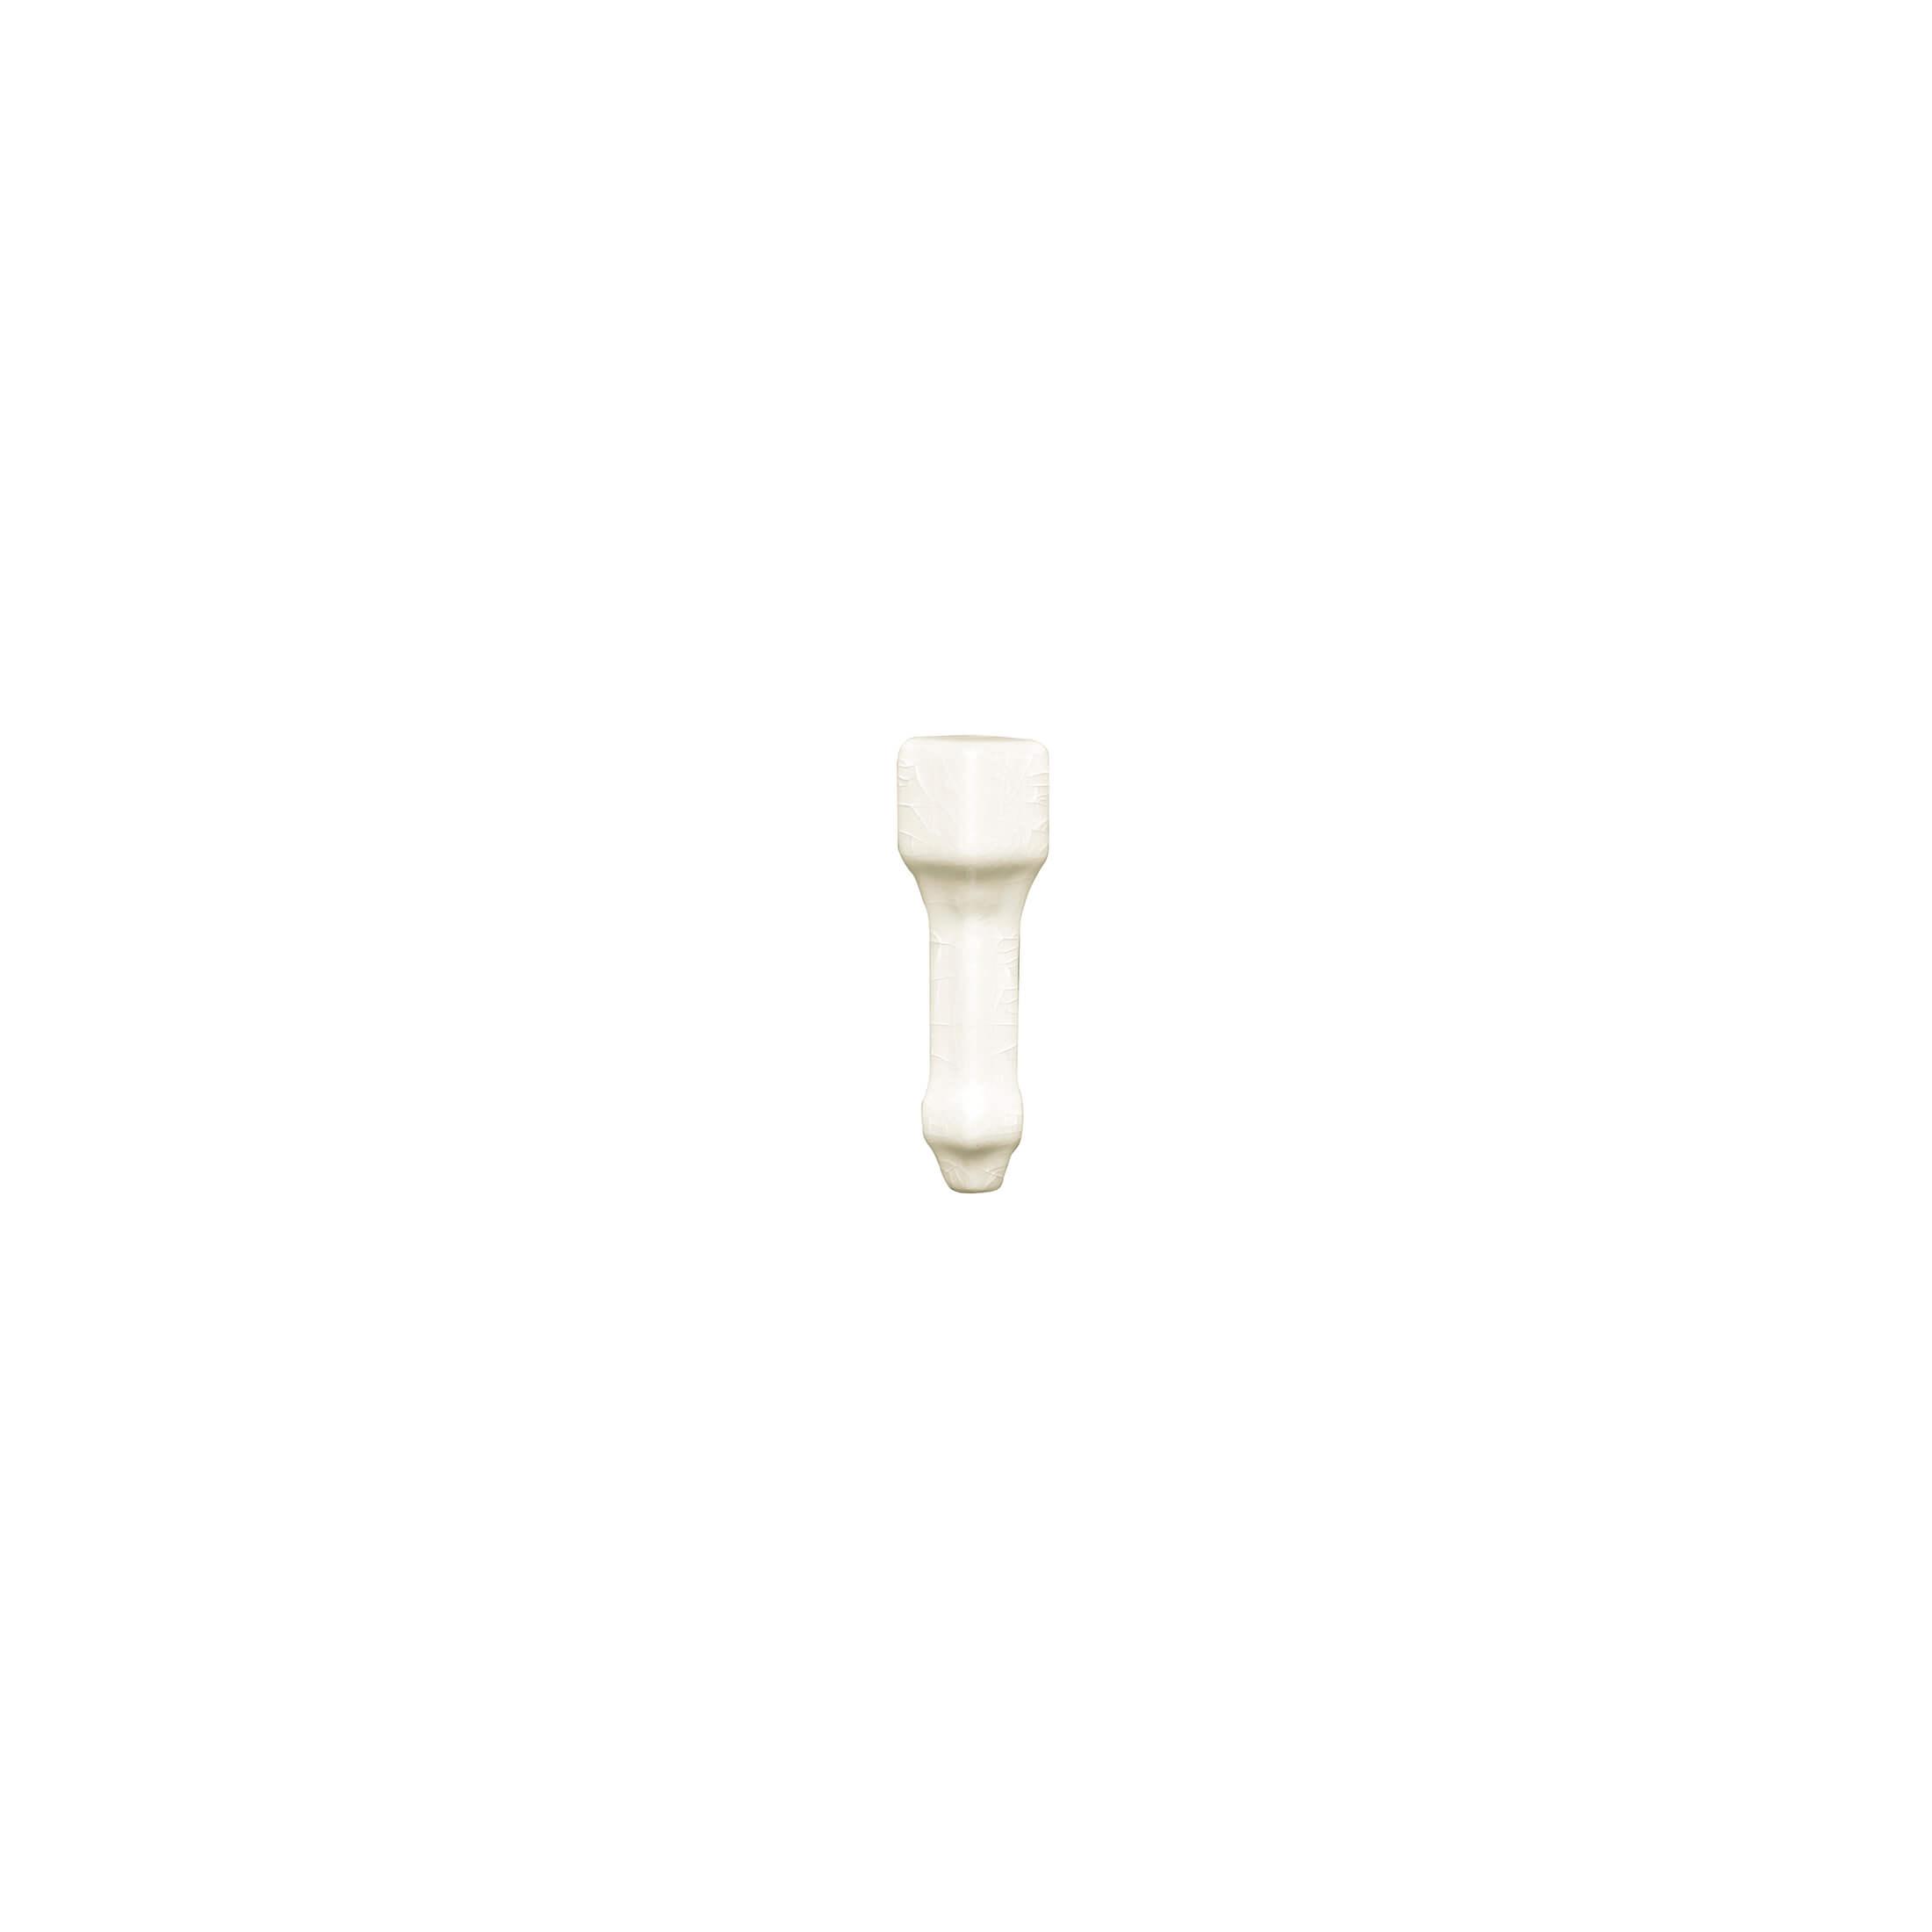 ADMO5344 - ANGULO EXTERIOR CORNISA CLASICA C/C - 7.5 cm X 15 cm